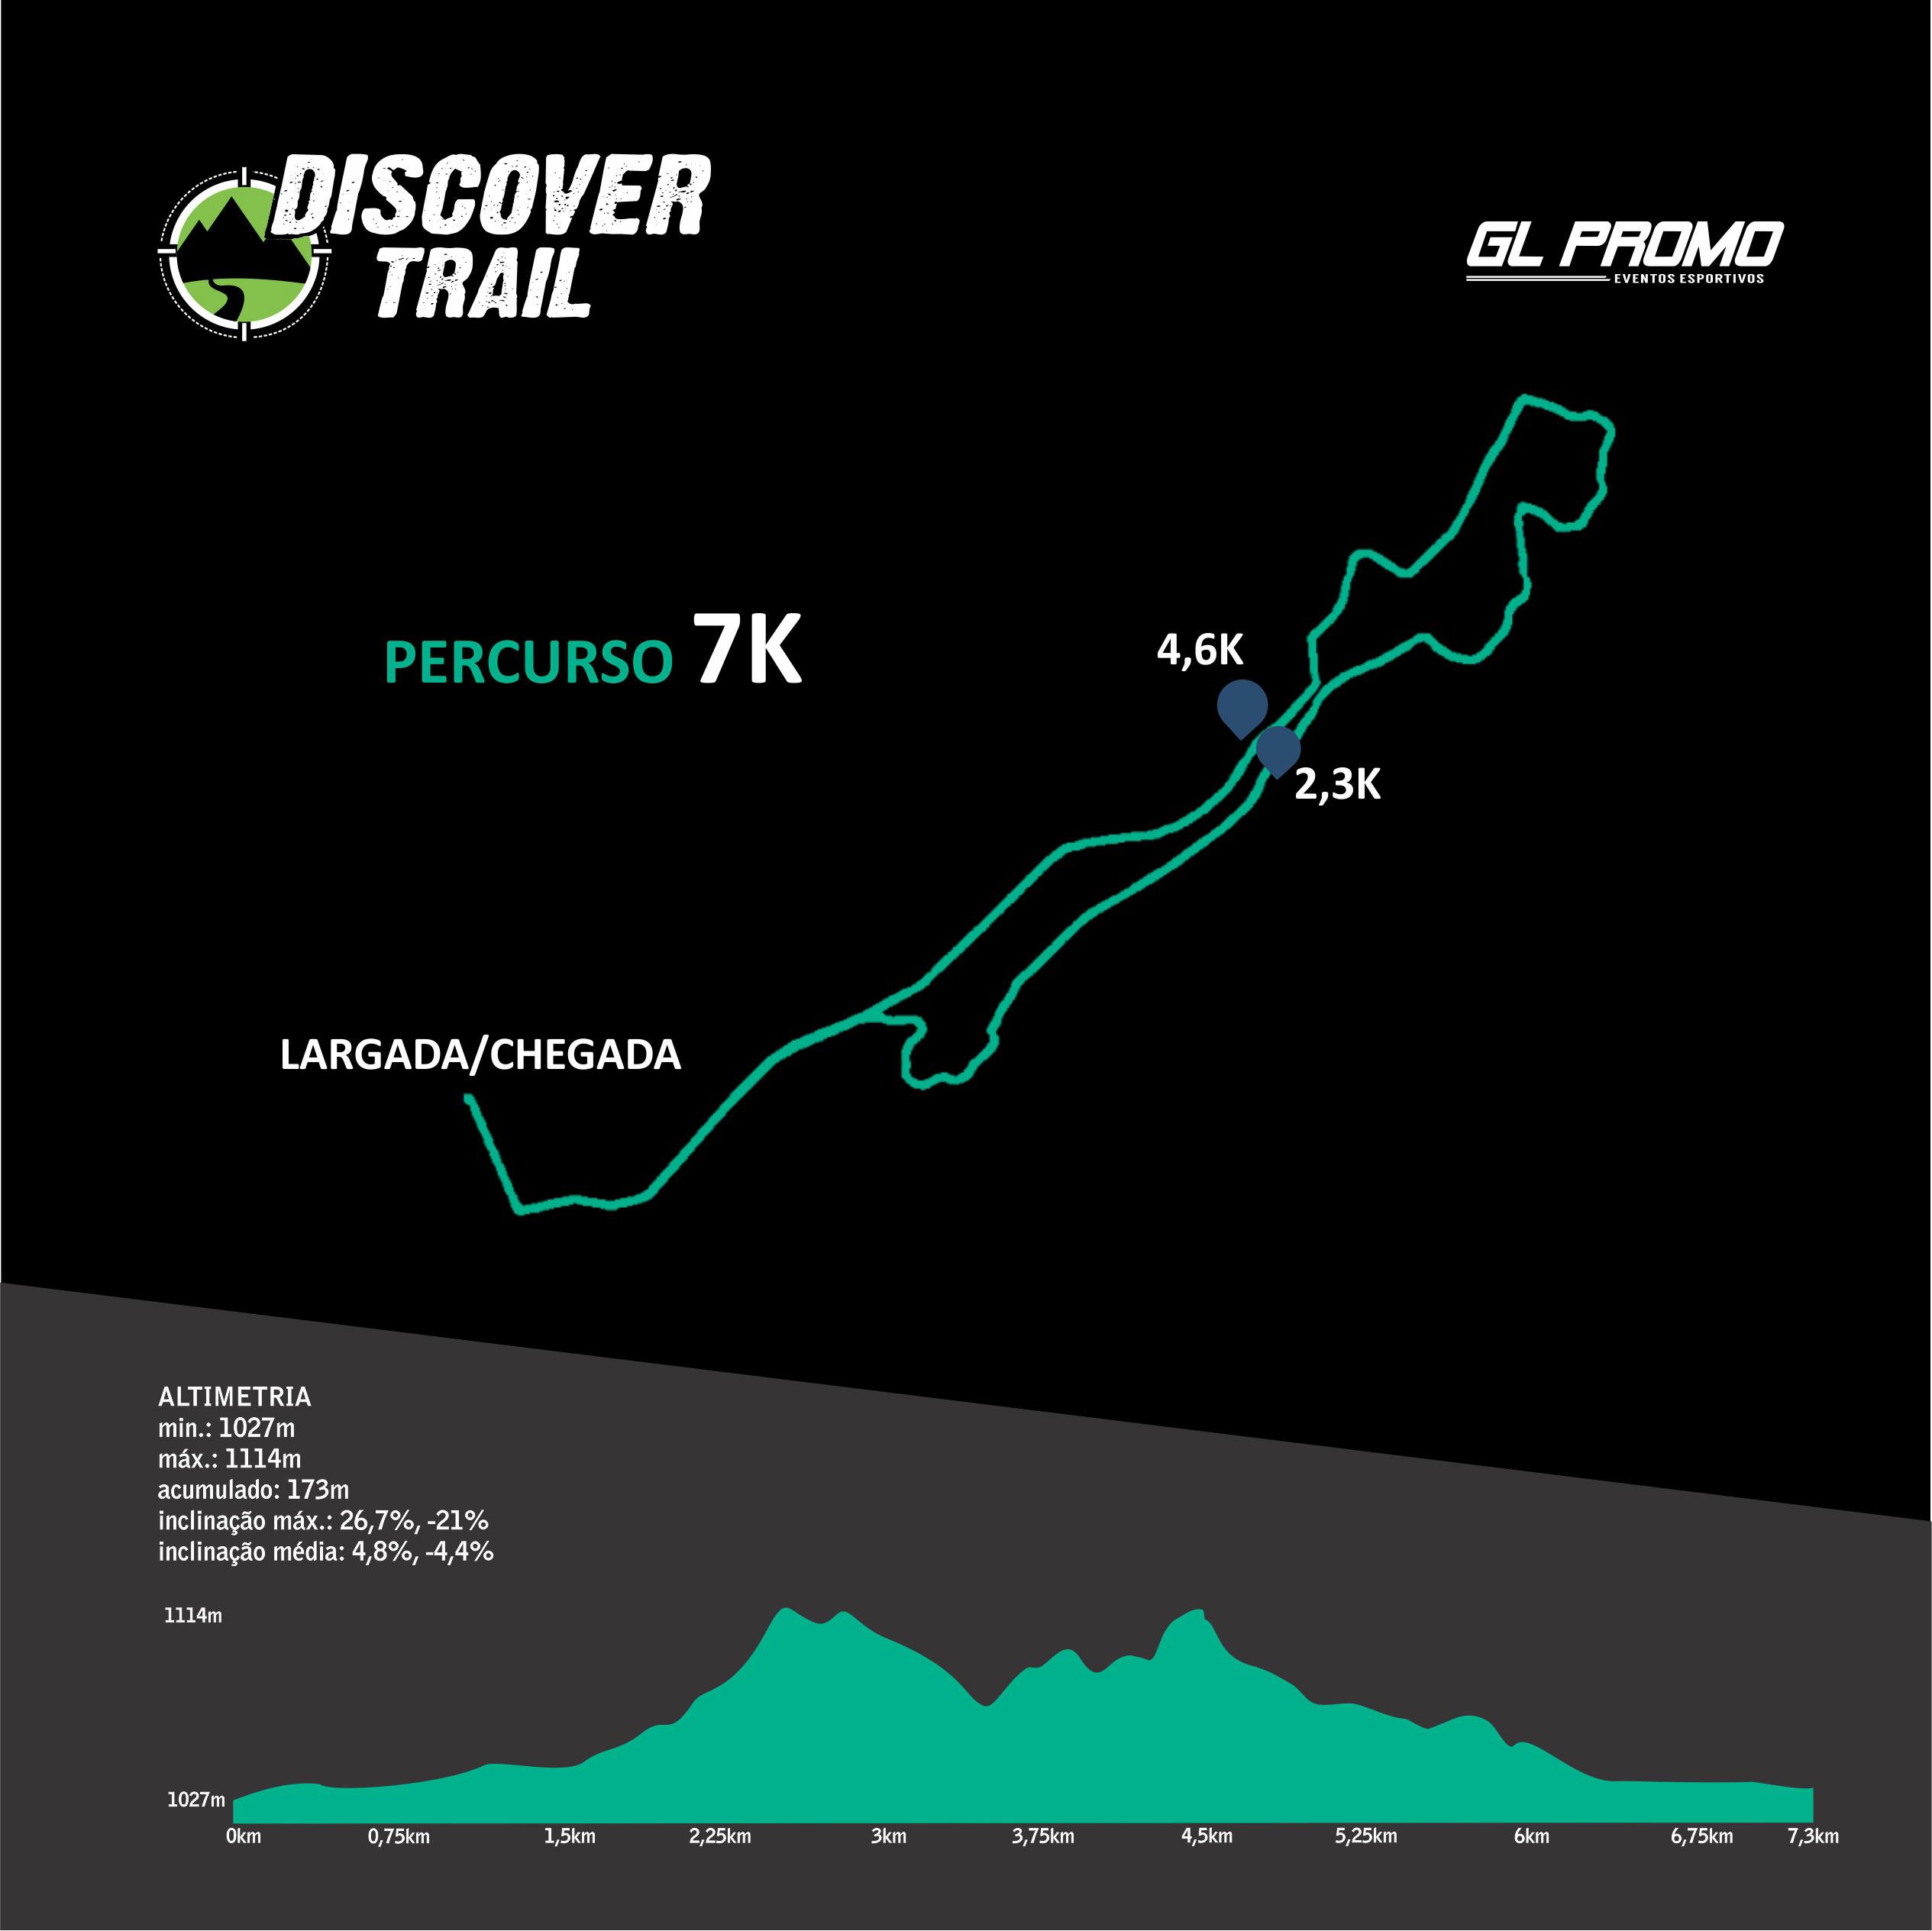 Percurso 7k Discover Trail São Luiz do Purunã